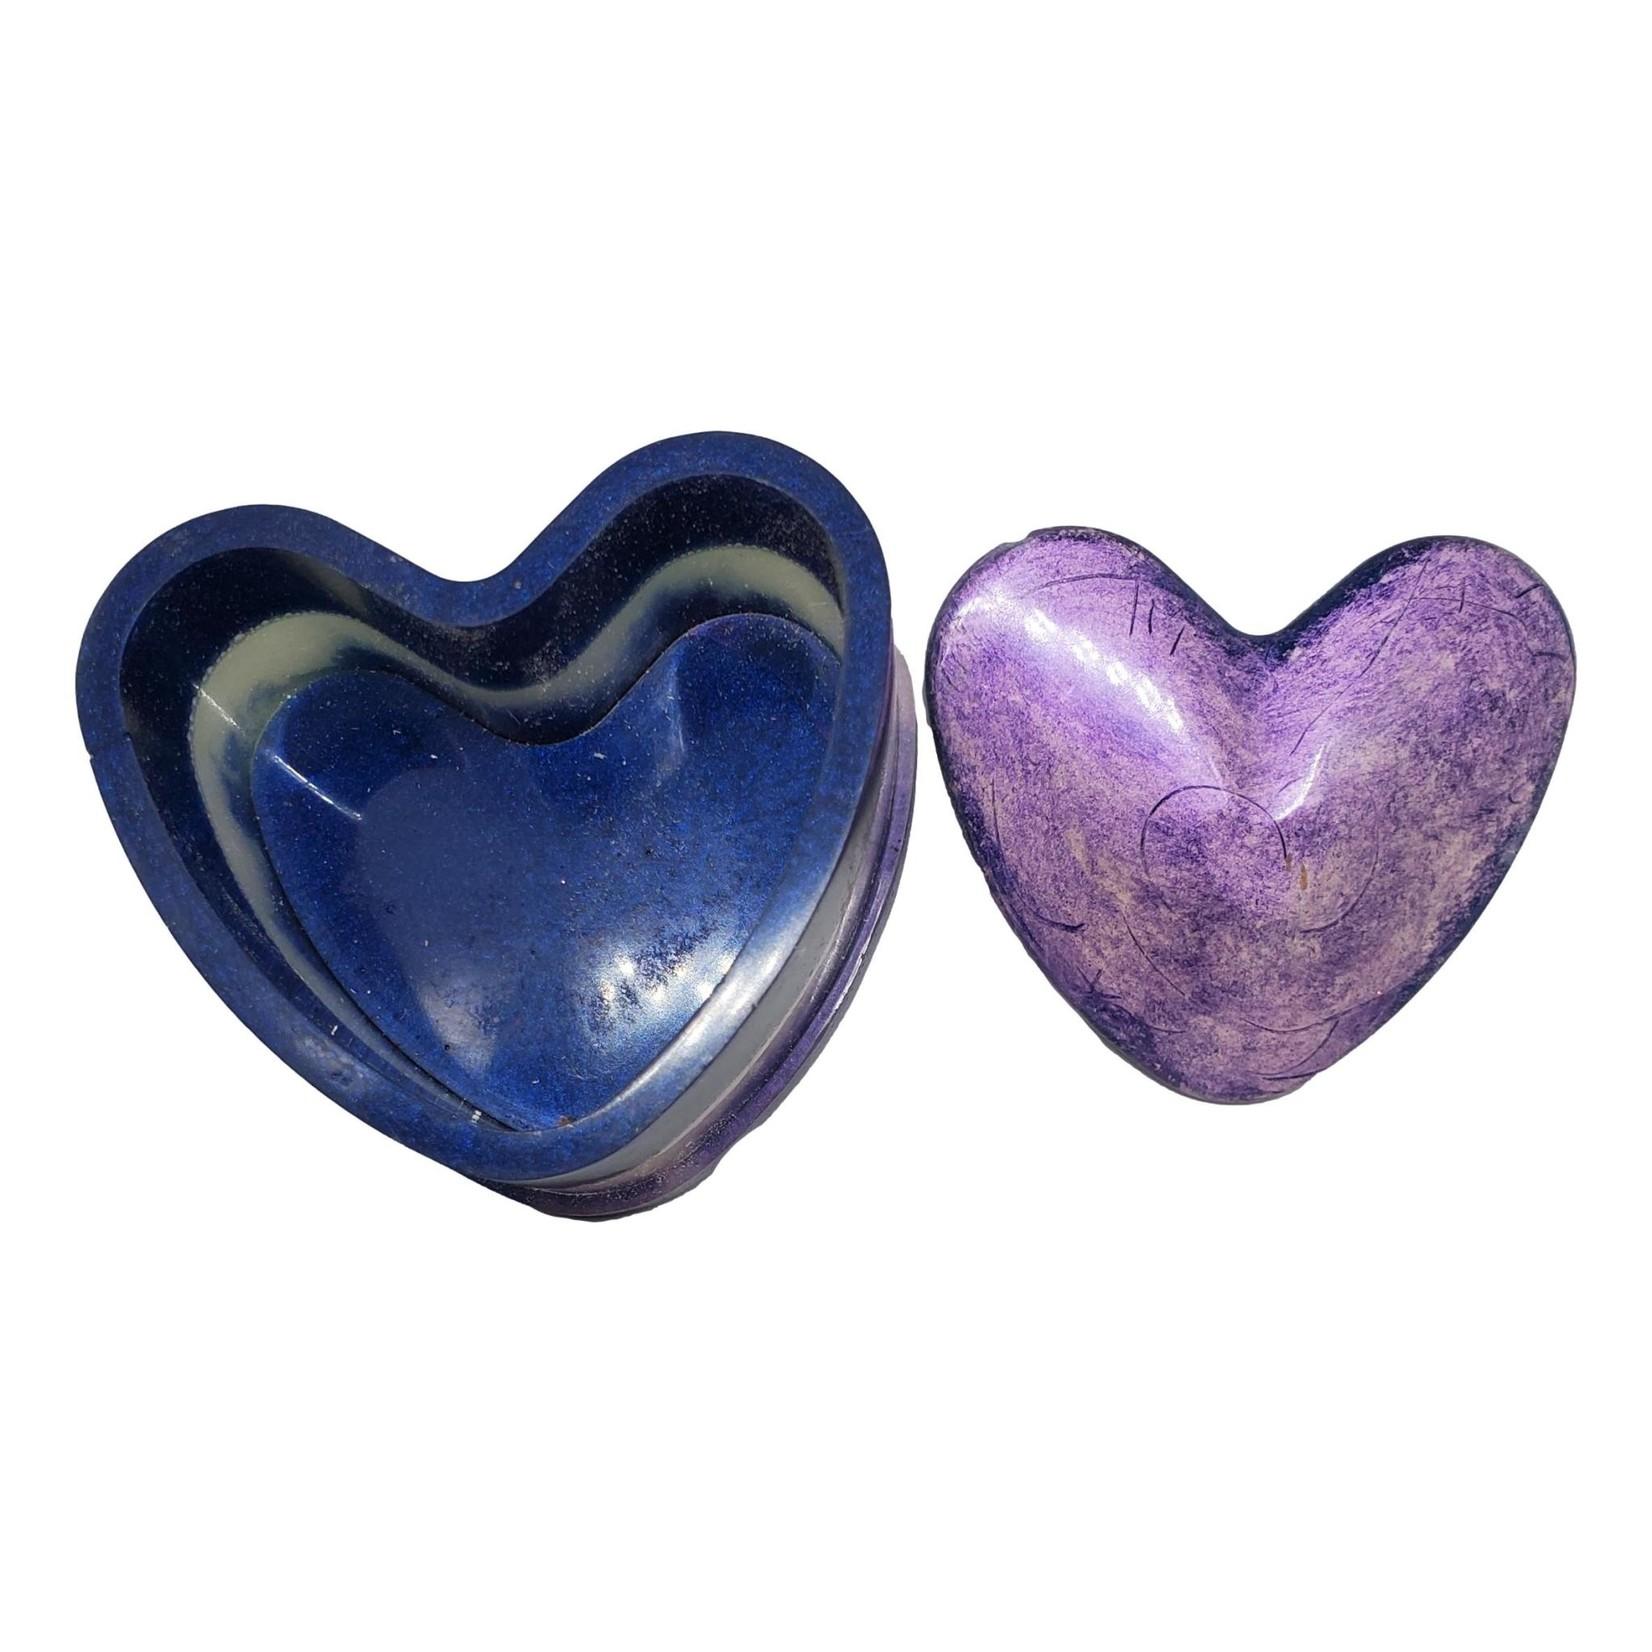 East Coast Sirens Purple & Lavender Heart Trinket Box